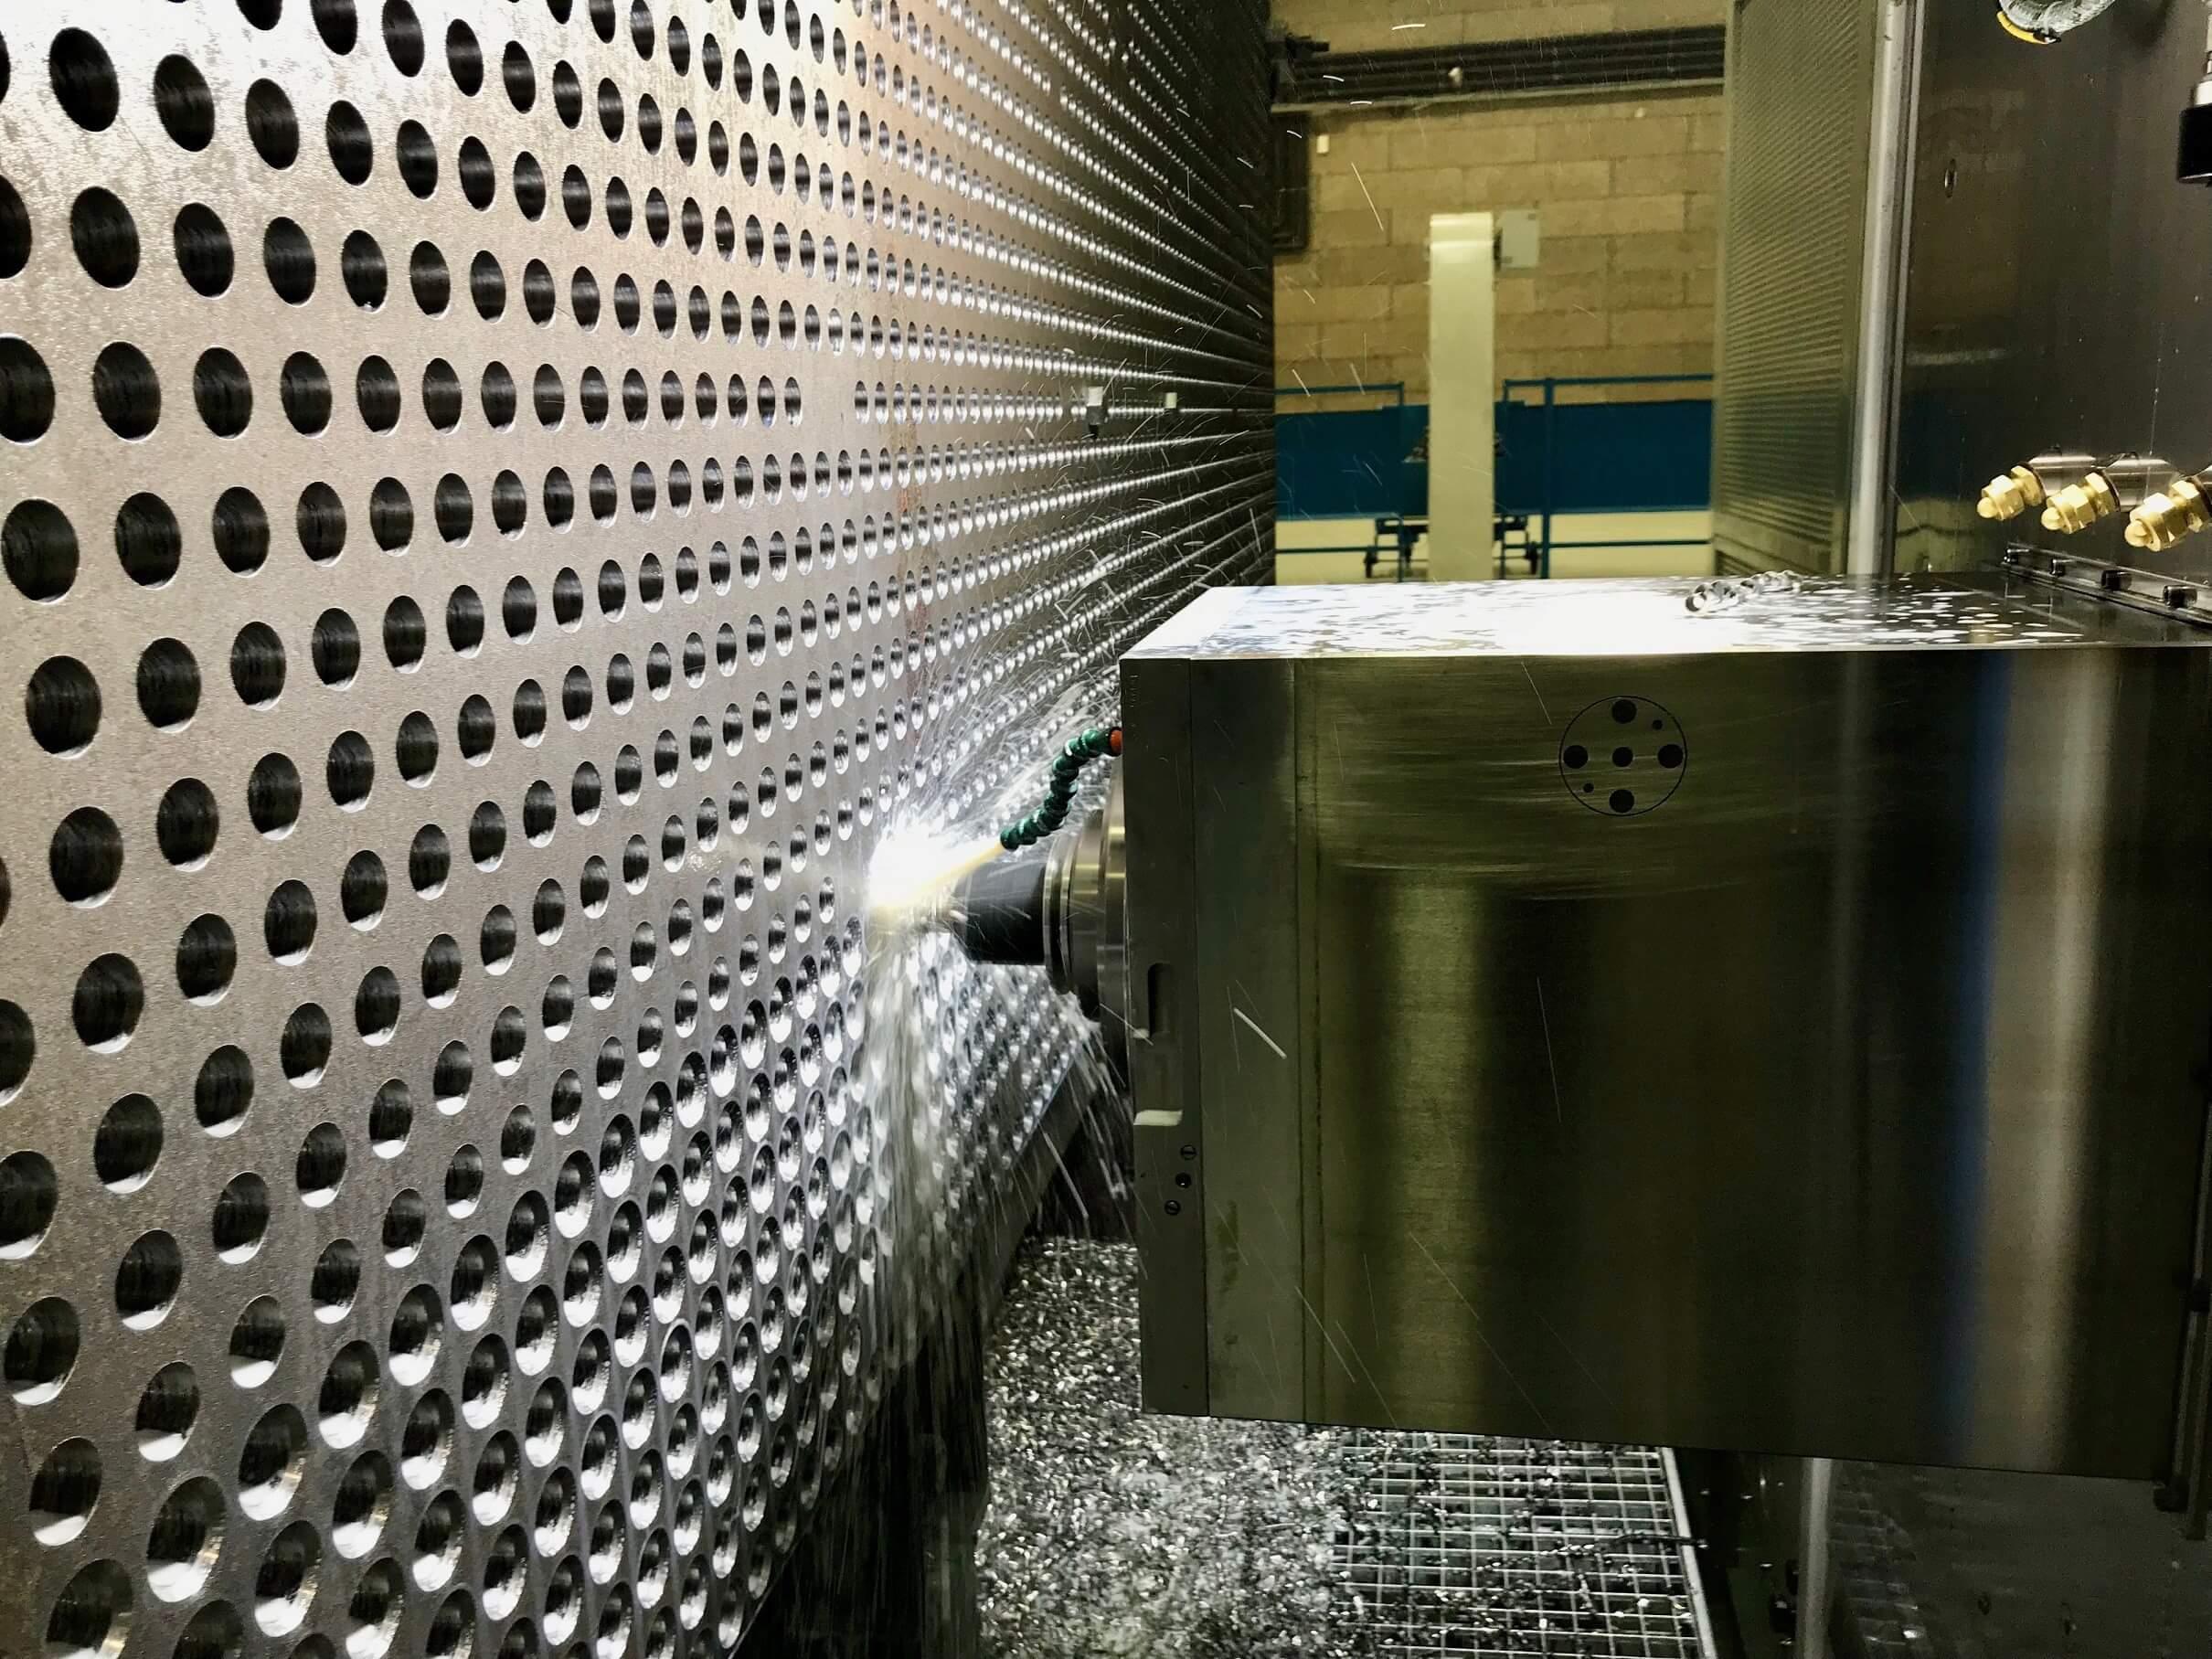 Egyedi alkatrészek gyártását teszi lehetővé a Weinberg technológiája